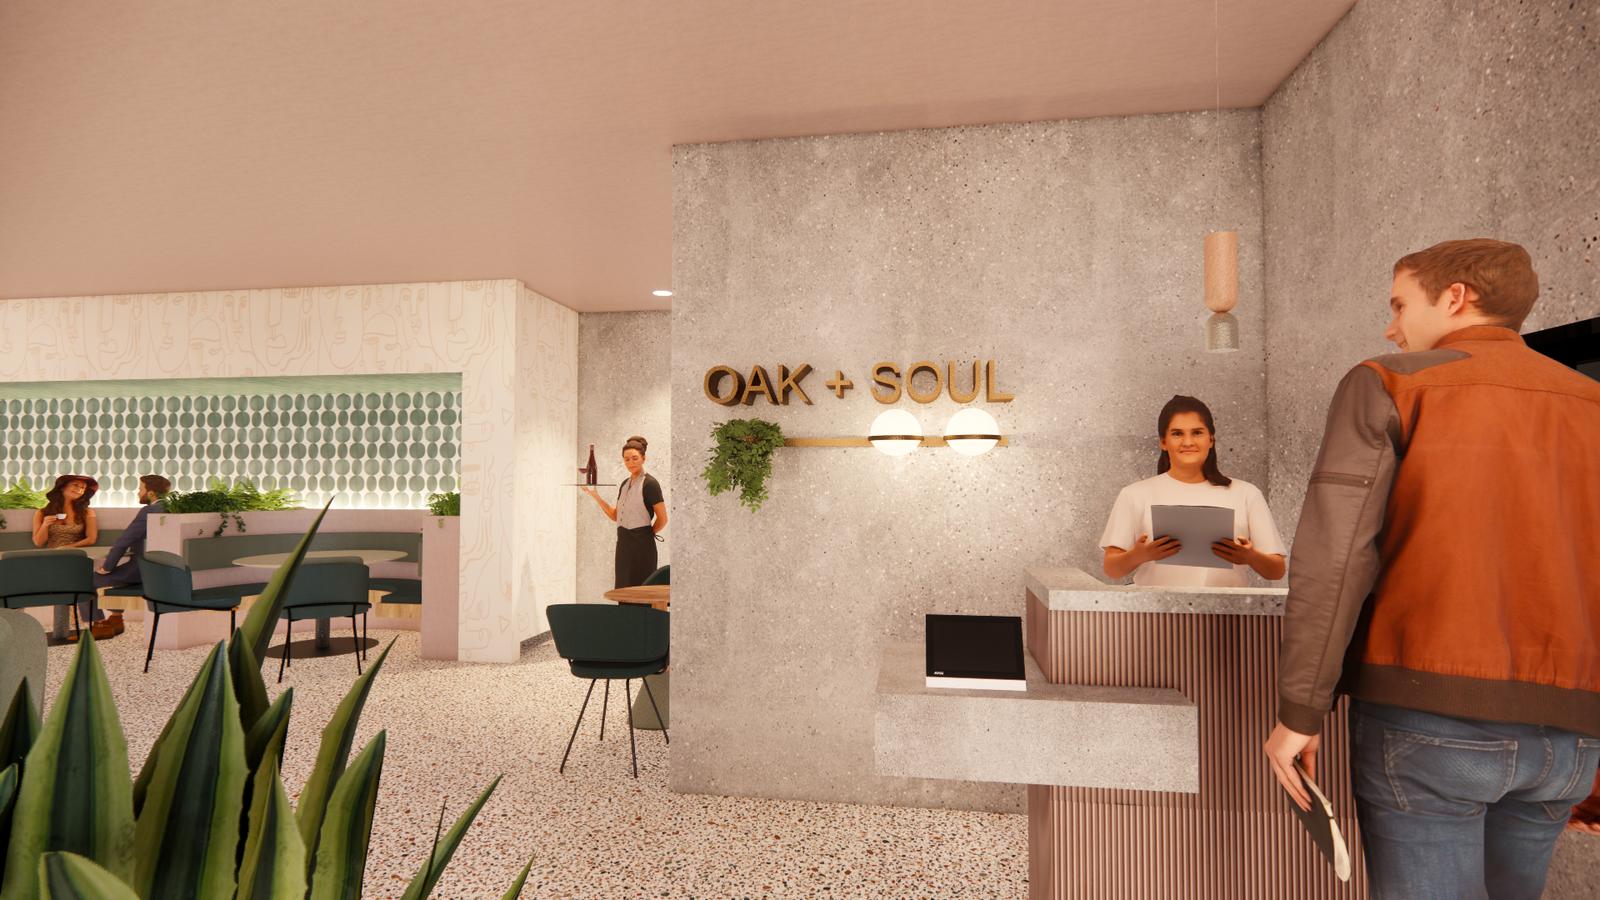 Hella Better Hotel - Oak + Soul Restaurant